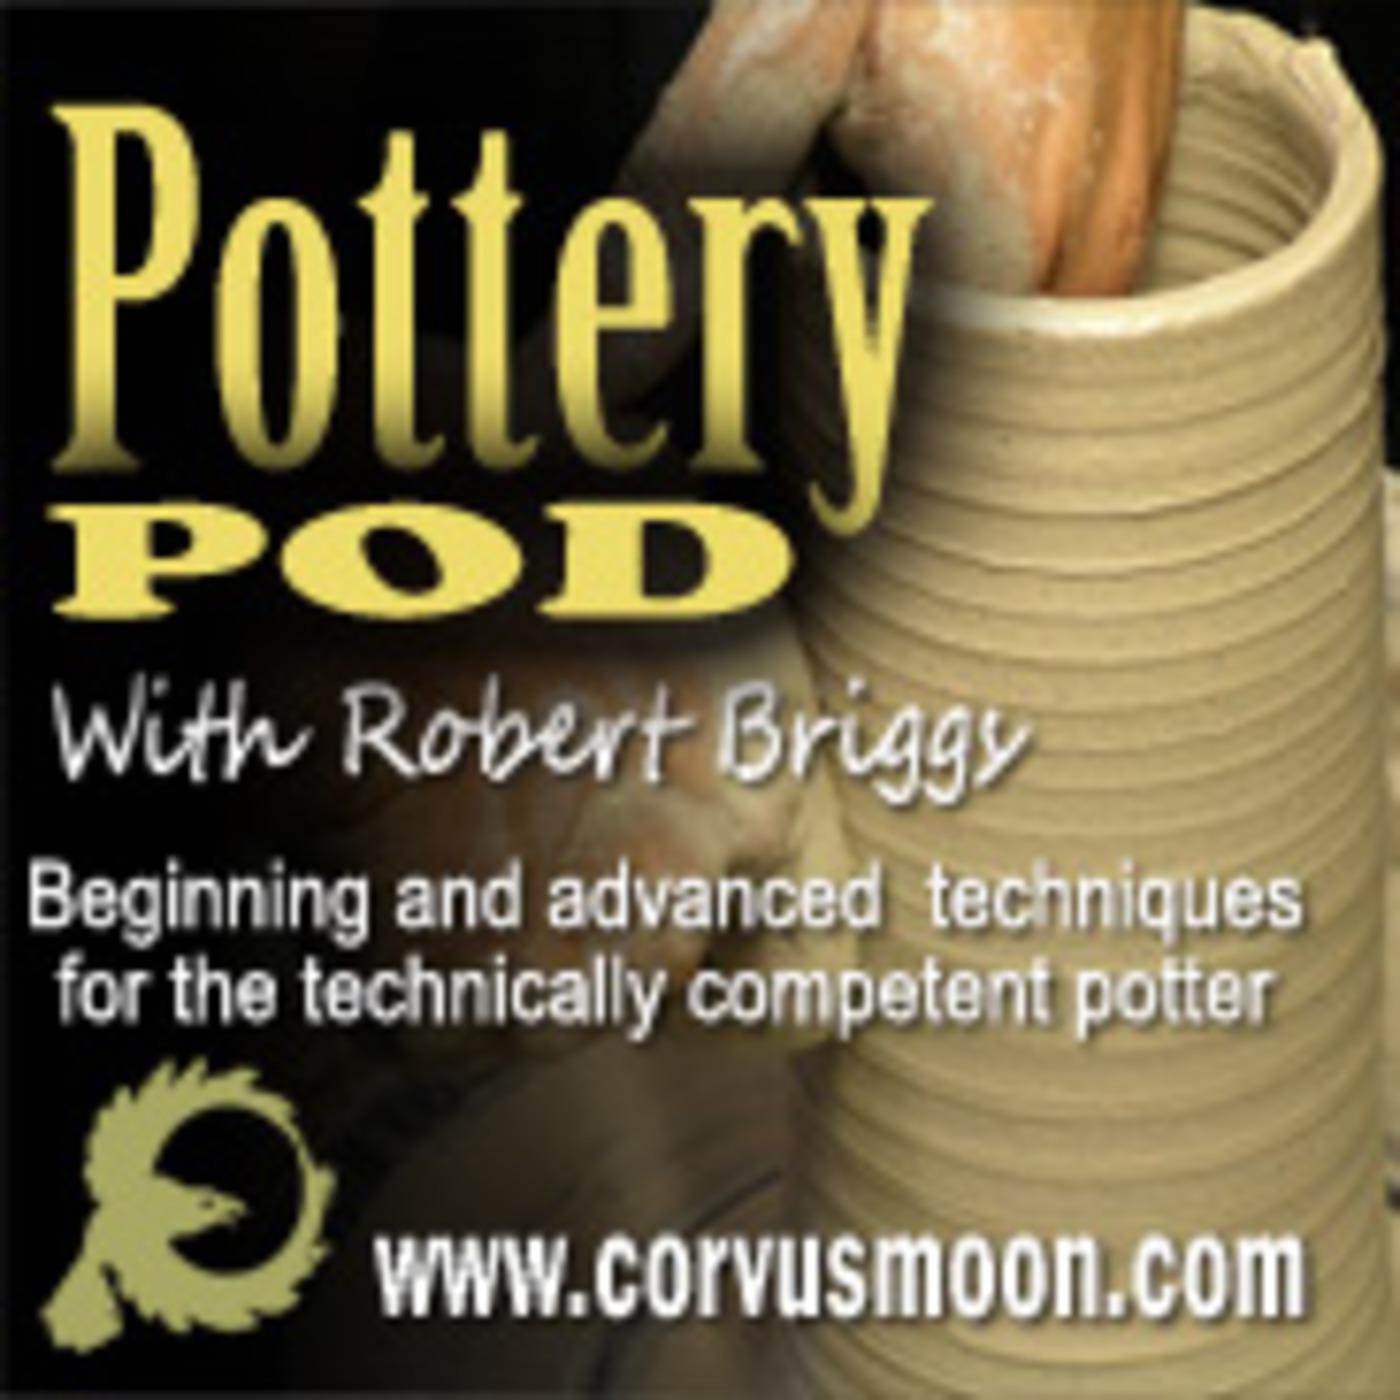 The Pottery Pod